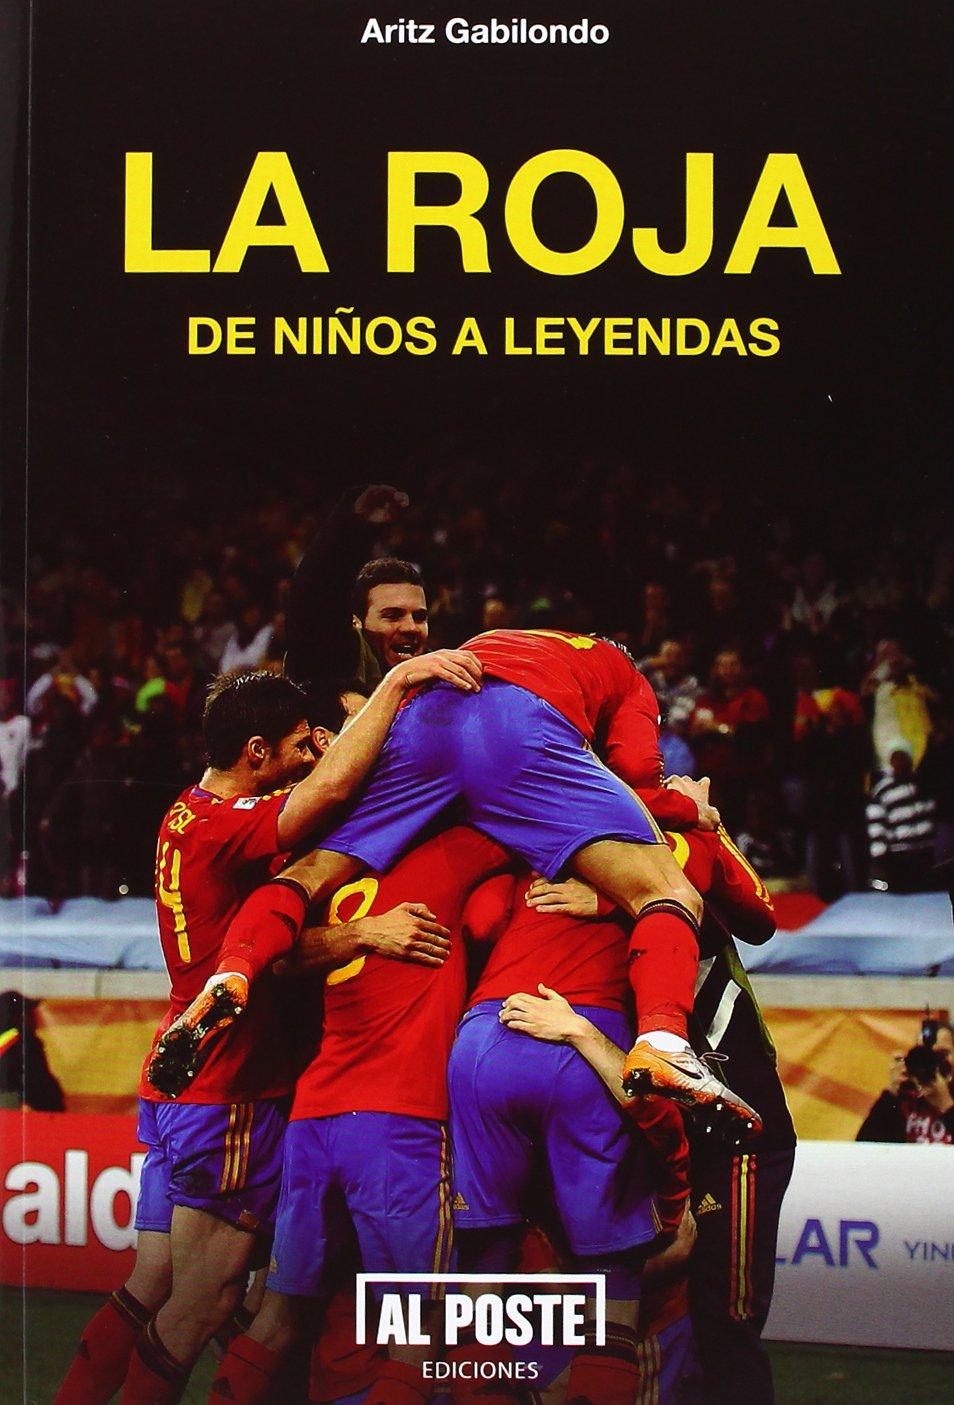 España : de niños a leyendas: Aritz Gabilondo Goitia: 9788415726128: Amazon.com: Books